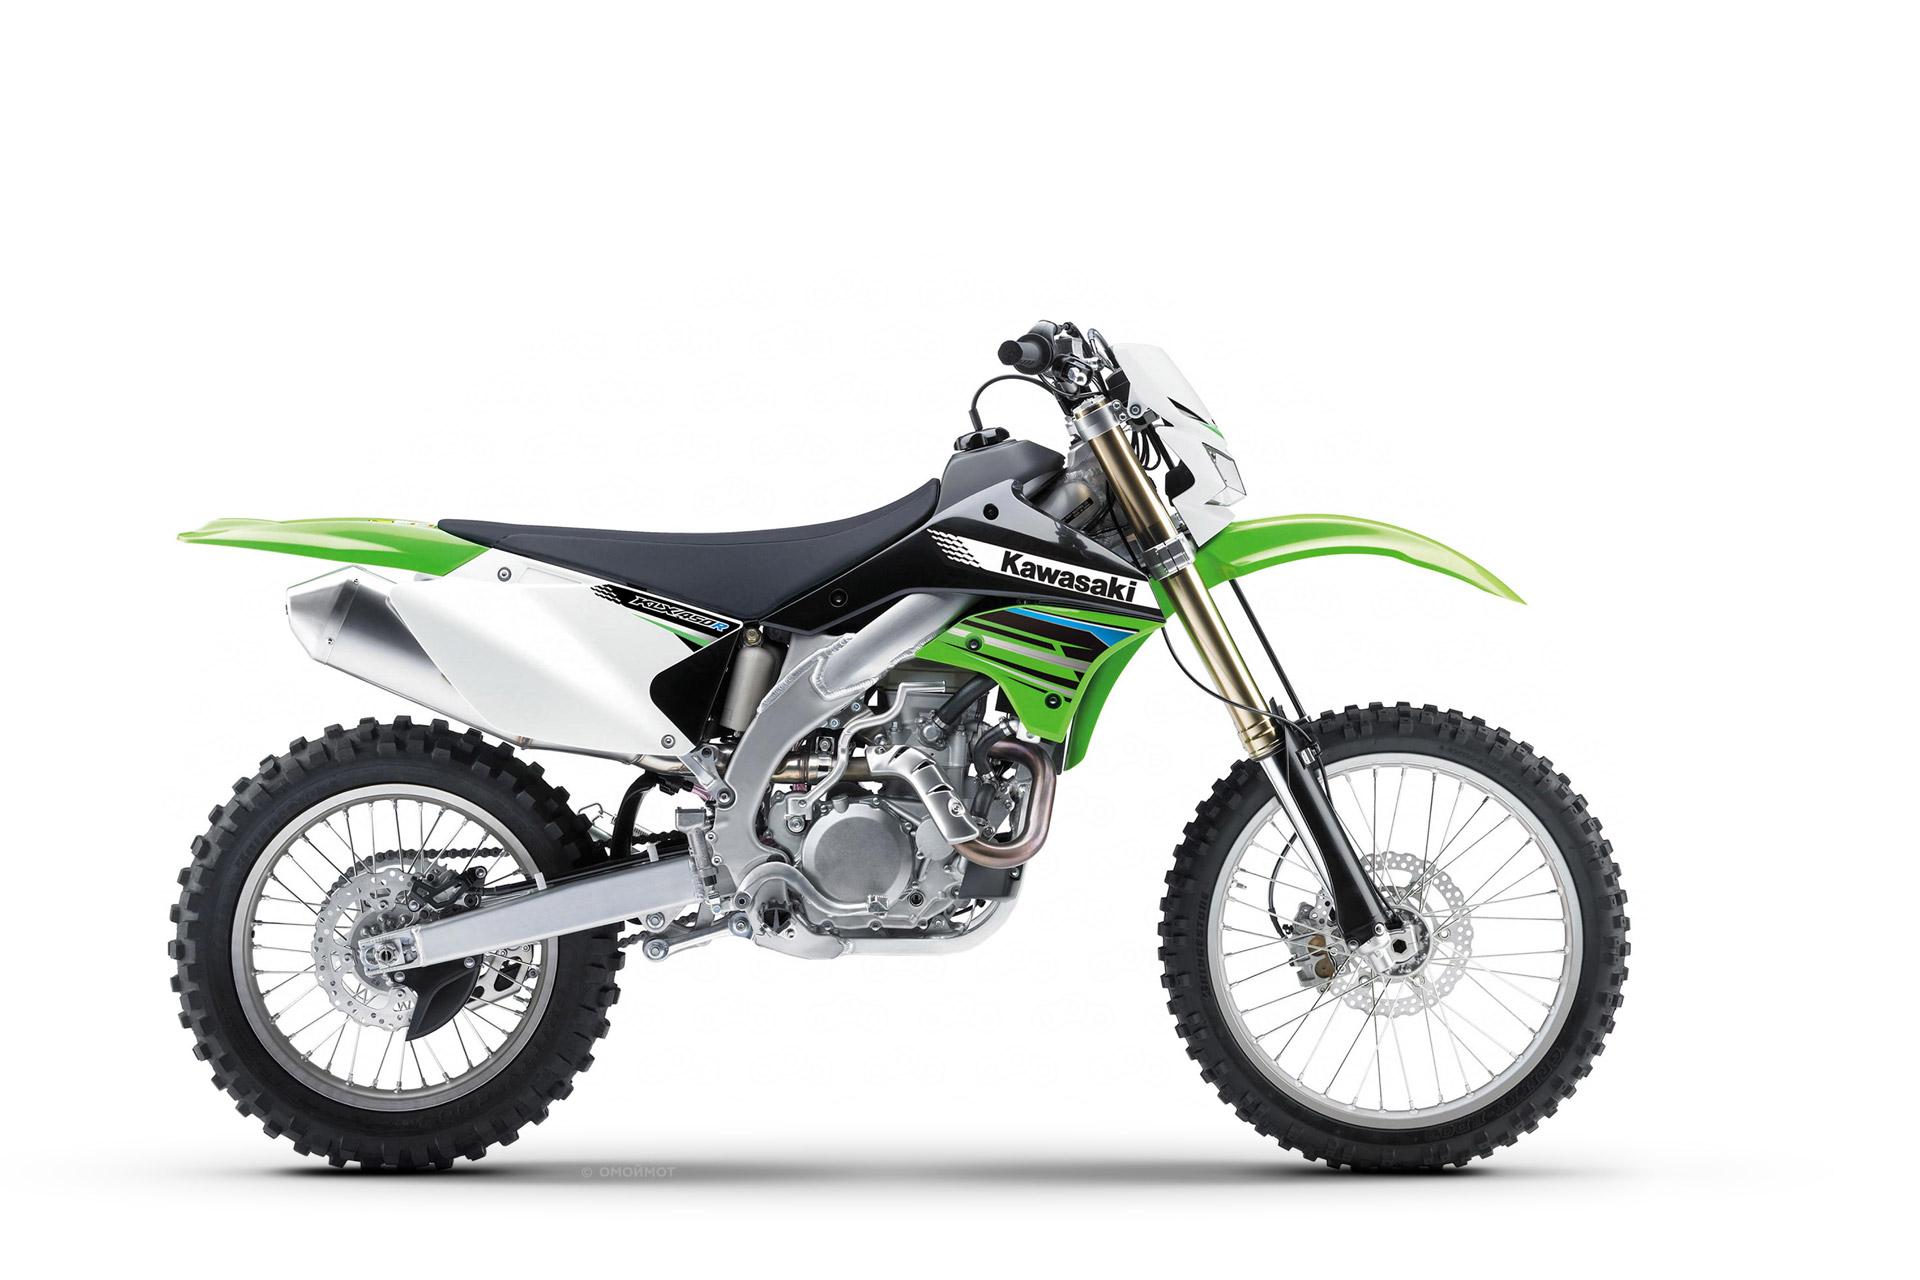 KLX450R